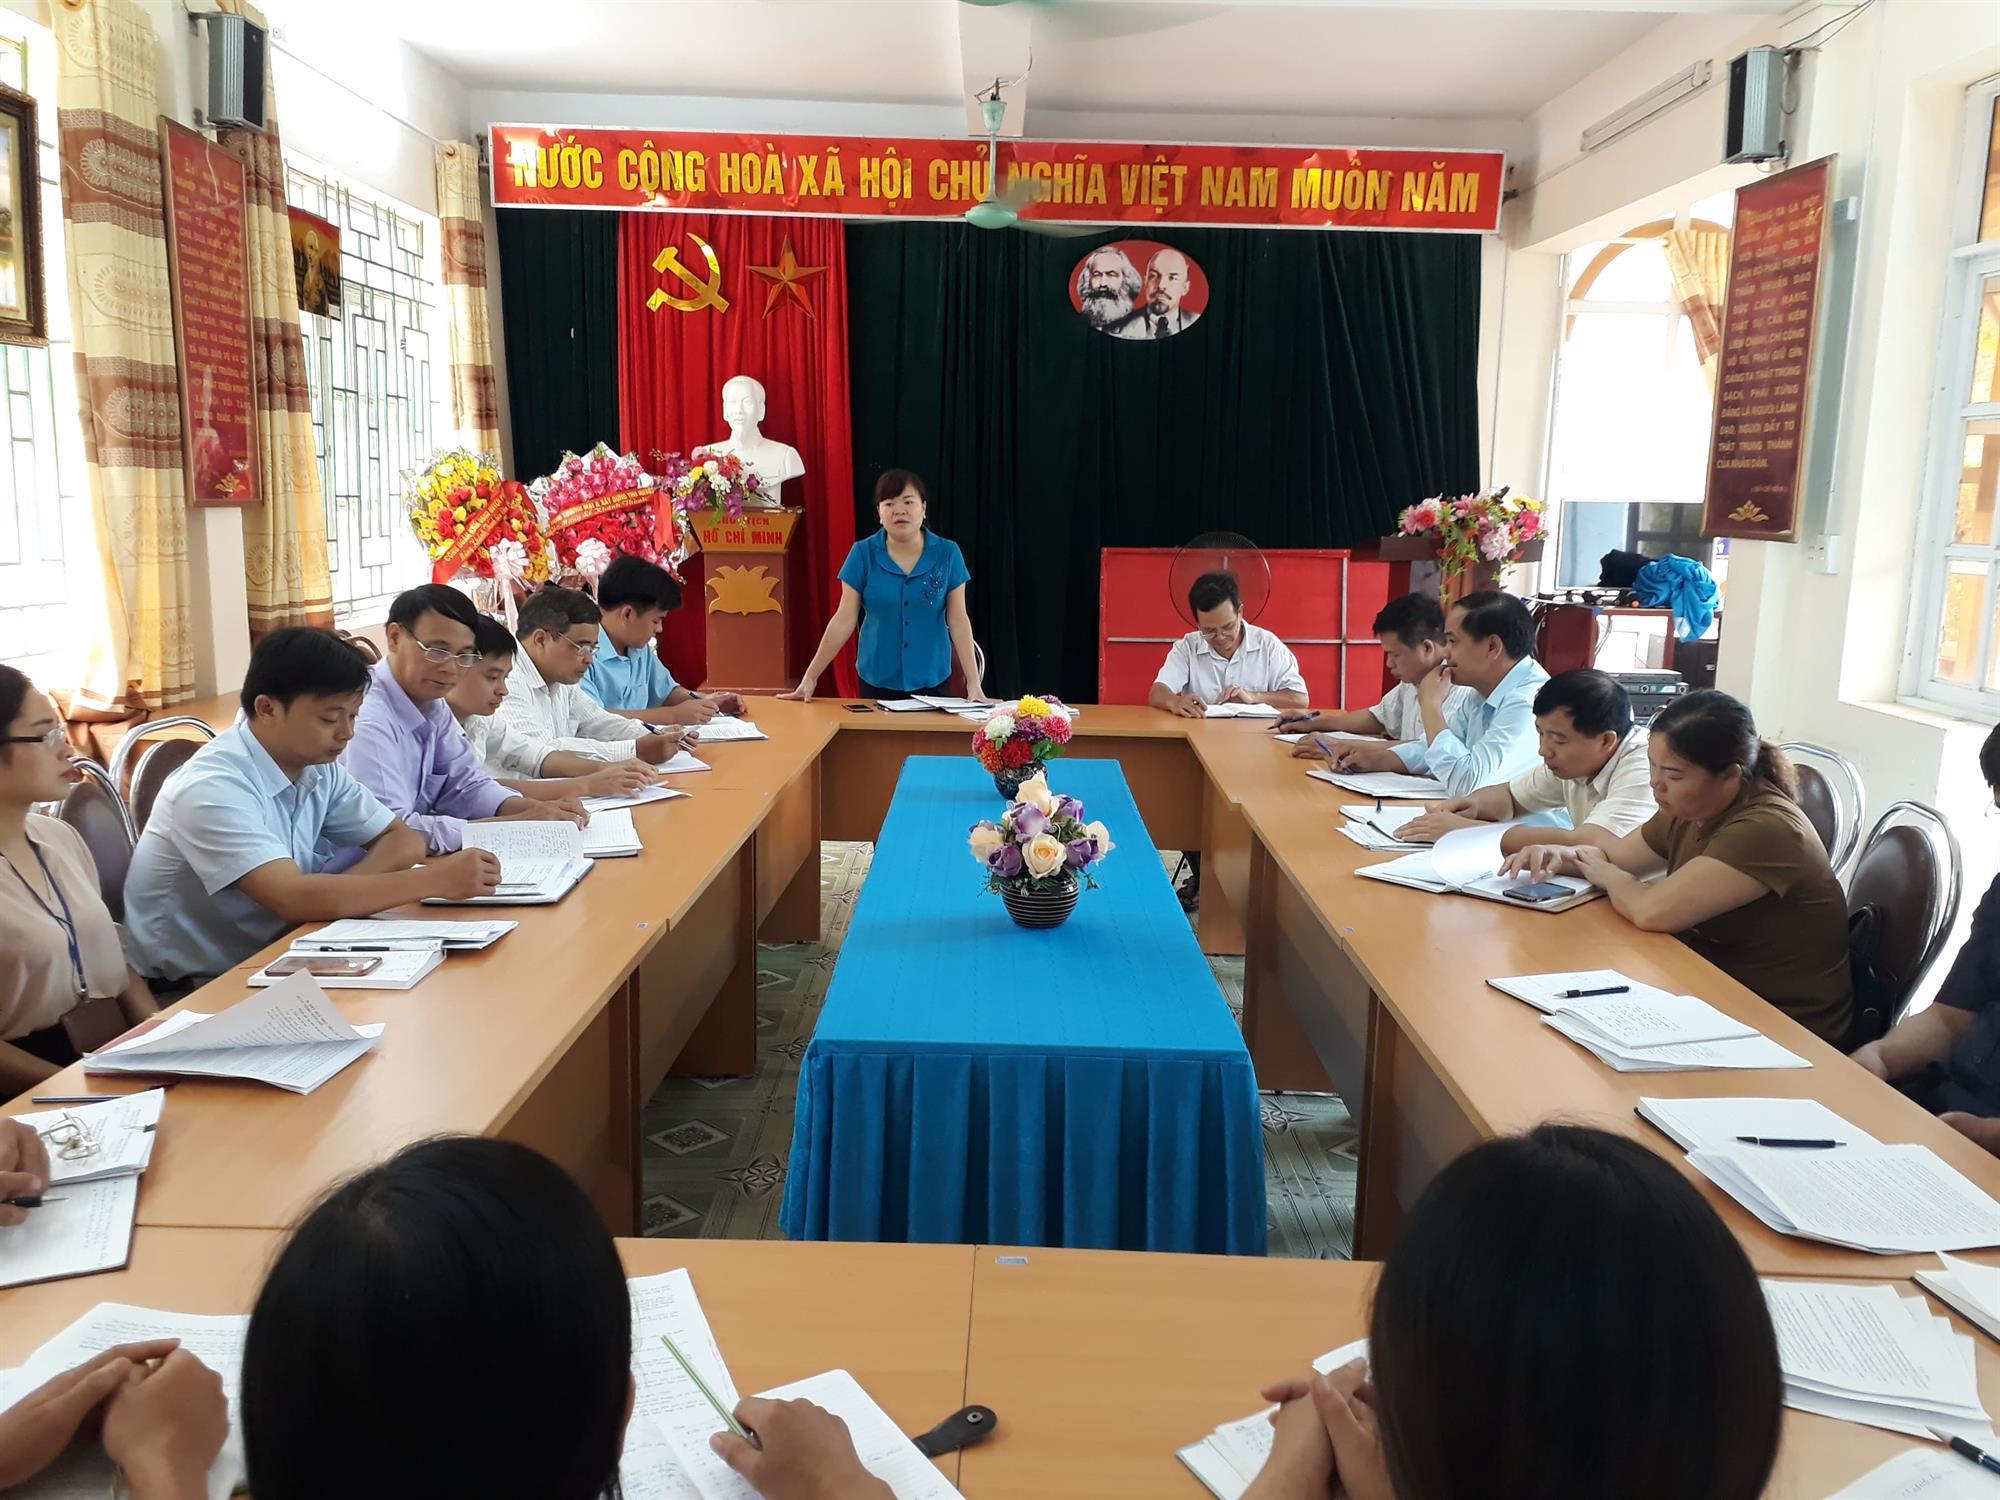 Phục Hòa: Giám sát thực hiện Chương trình MTQG xây dựng nông thôn mới tại hai xã Triệu Ẩu, Hồng Đại